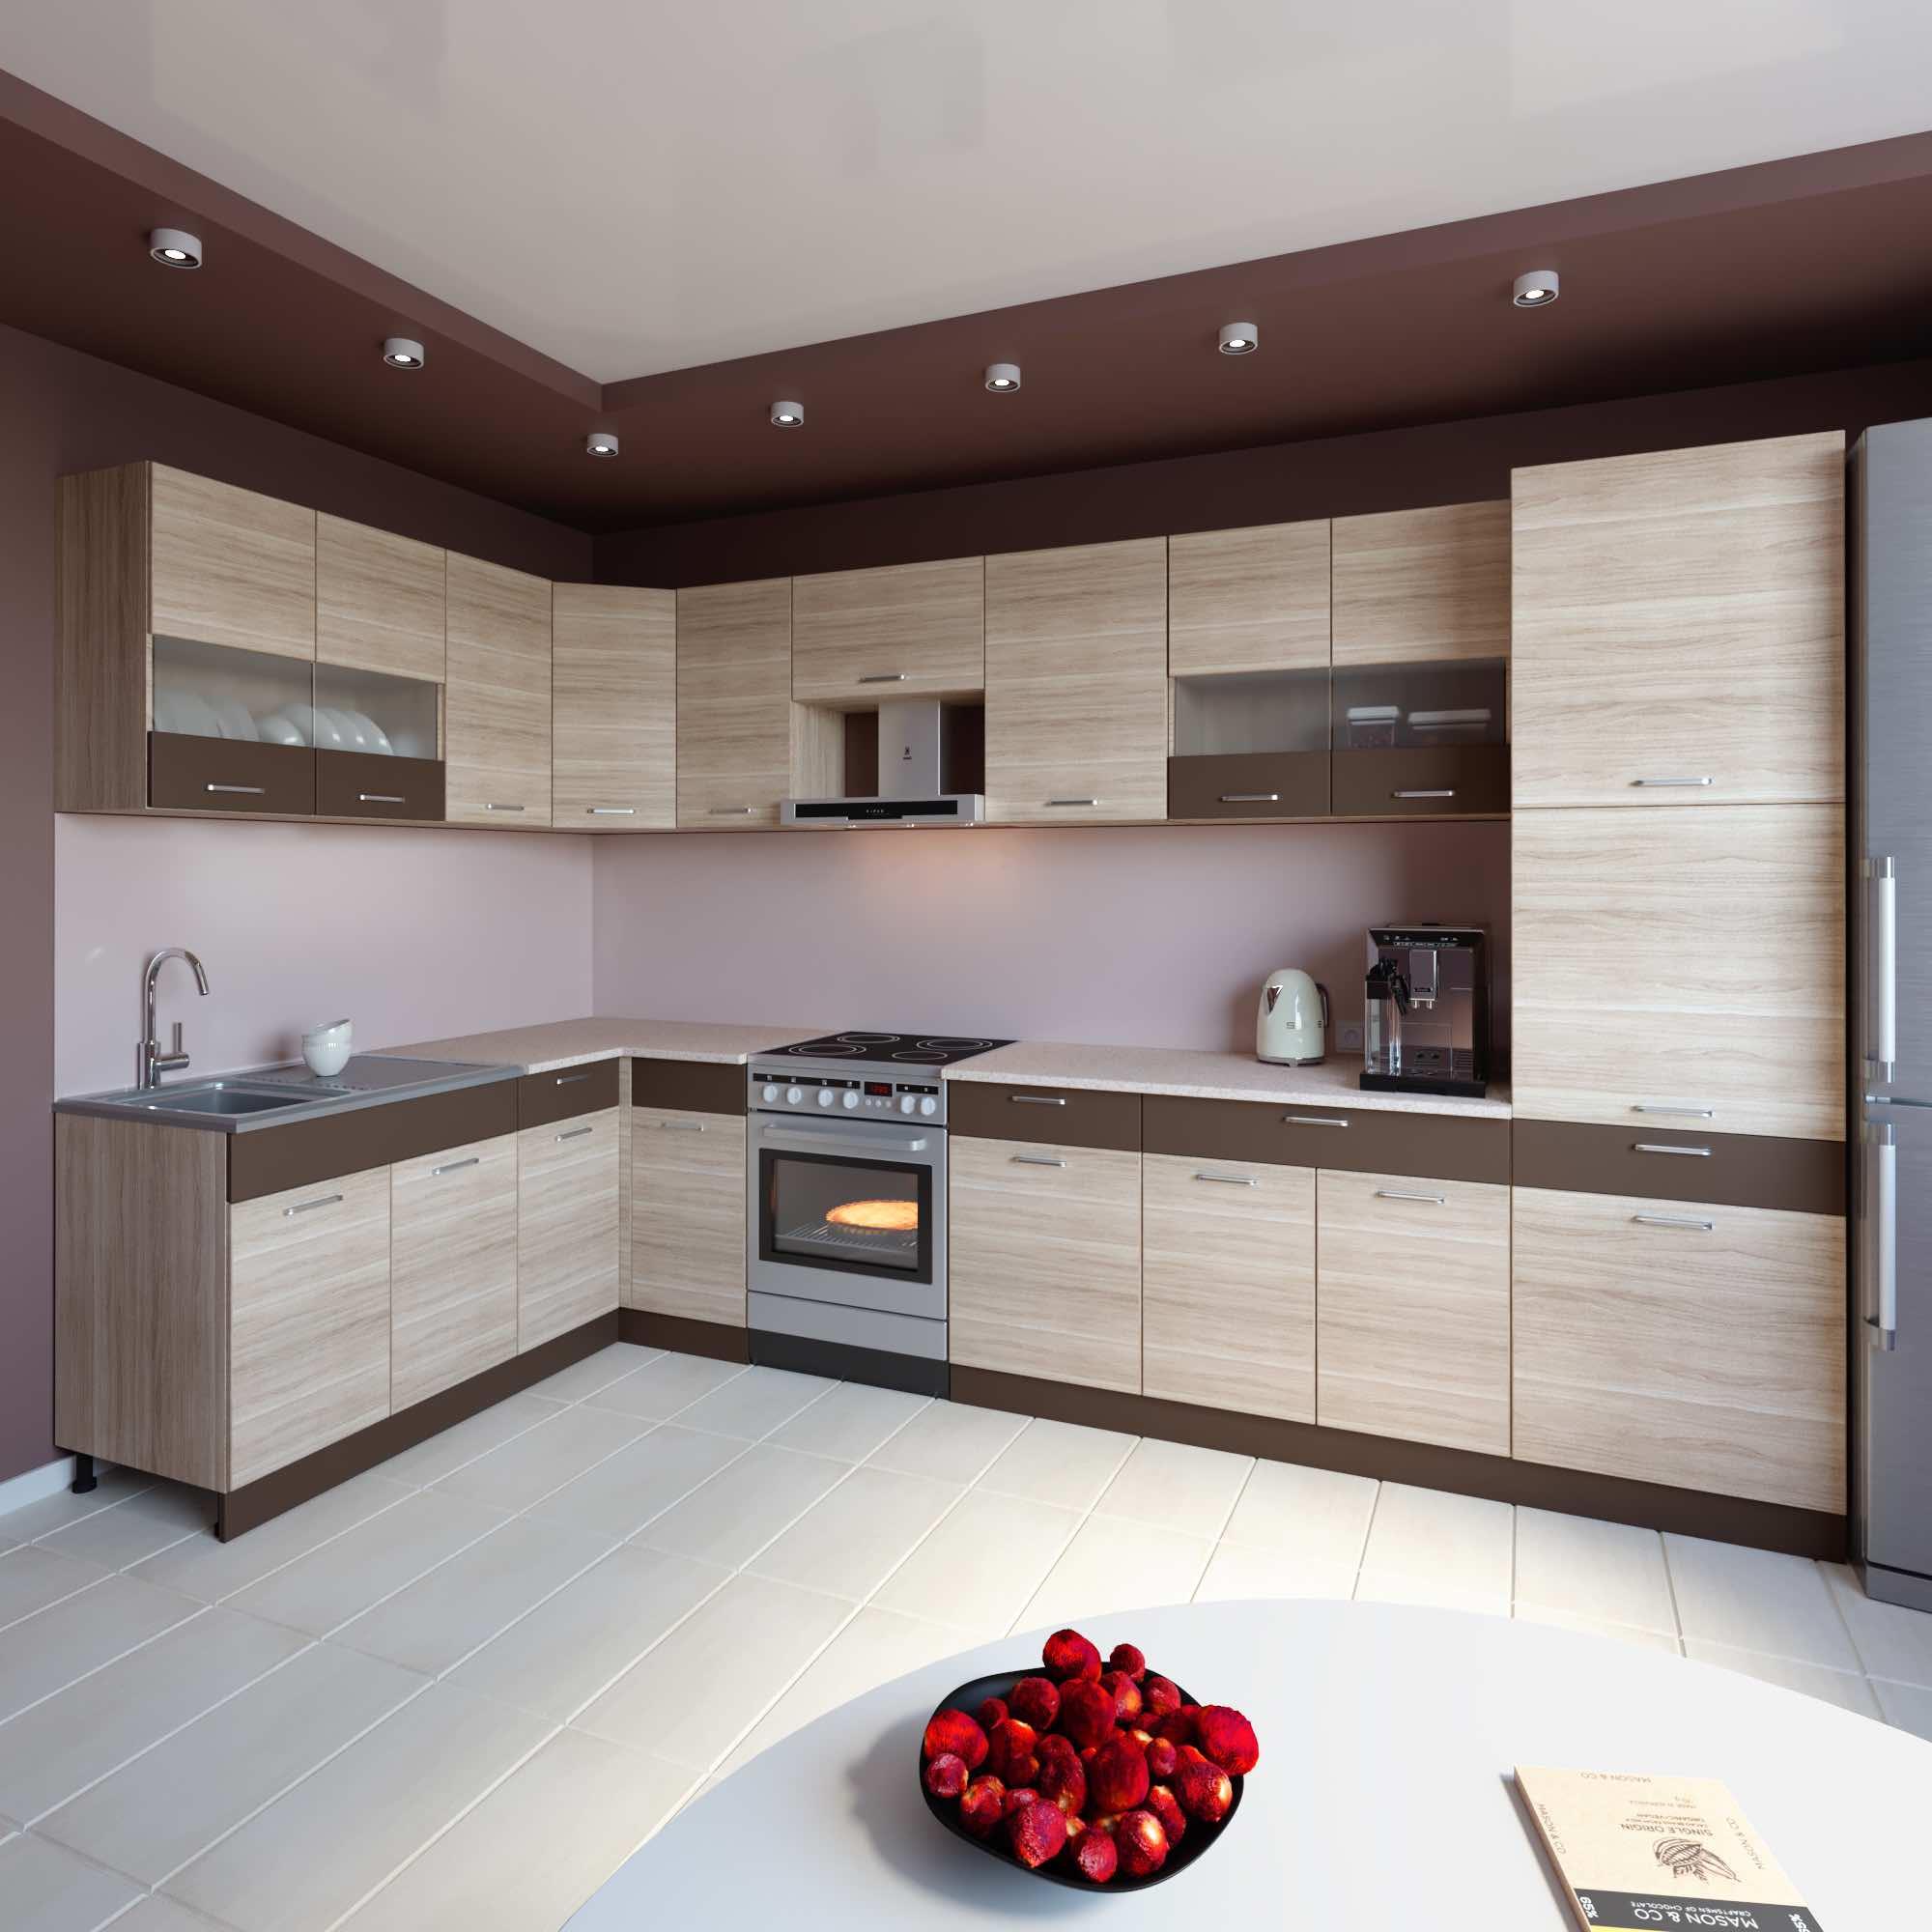 Full Size of Küche L Form Schwarz Küche L Form Günstig Mit Geräten Küche L Form Mit Eckspüle Küche L Form Ikea Küche Küche L Form